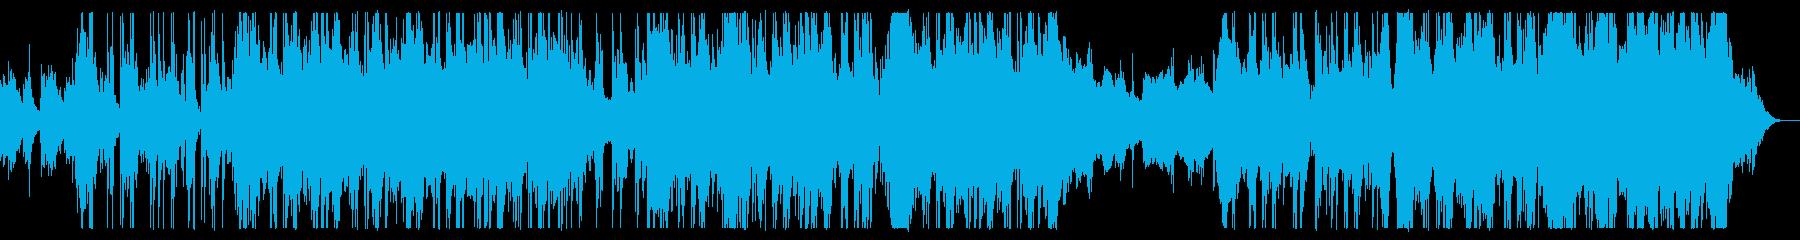 PopでHipHopなビートの再生済みの波形